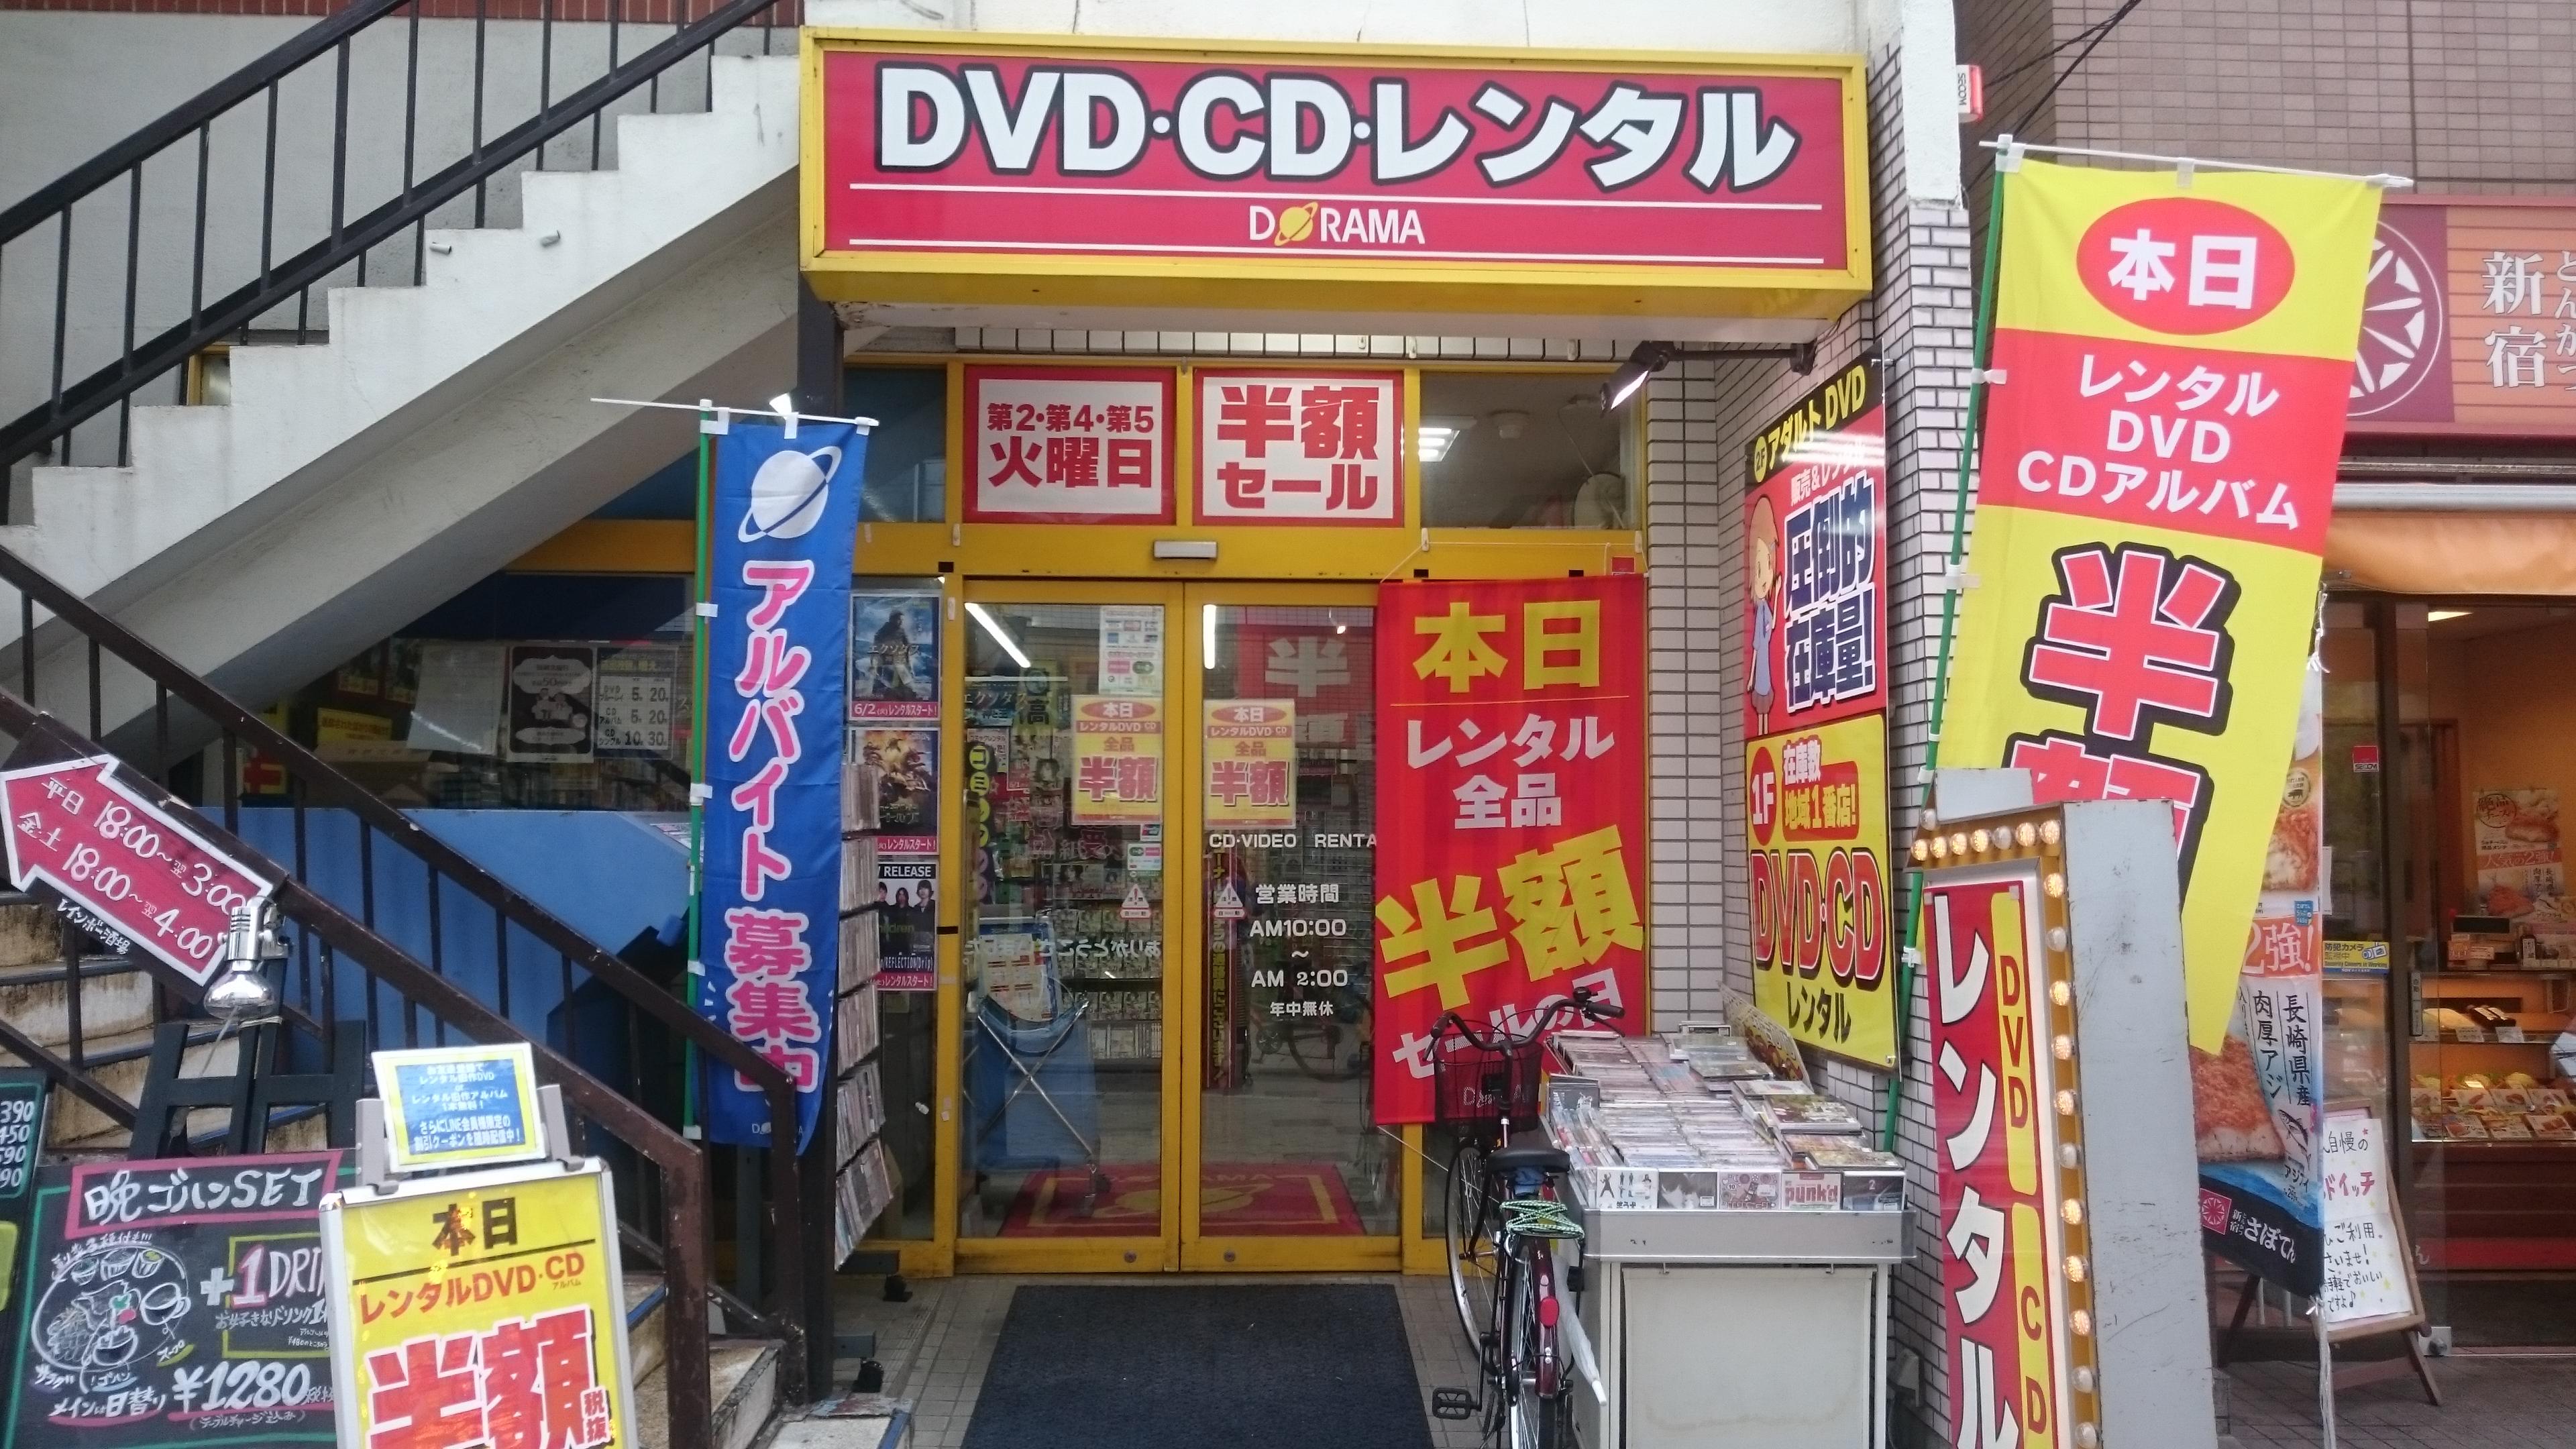 ドラマ高円寺レンタル・古本店